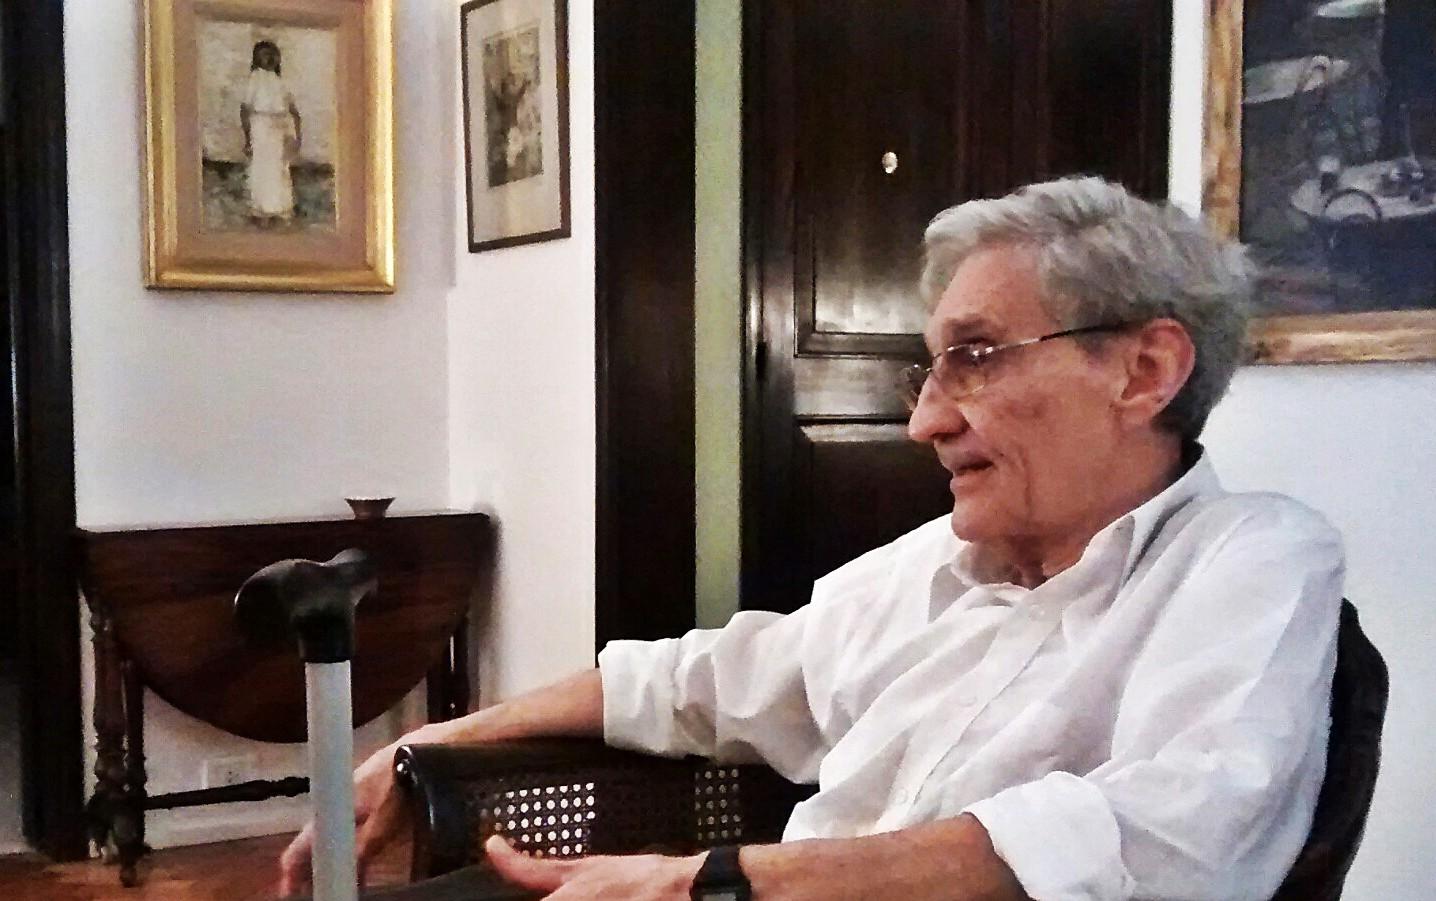 Miércoles 20 de mayo de 2015, Buenos Aires. Domicilio particular de José Giménez Rébora, Barrio de Belgrano.